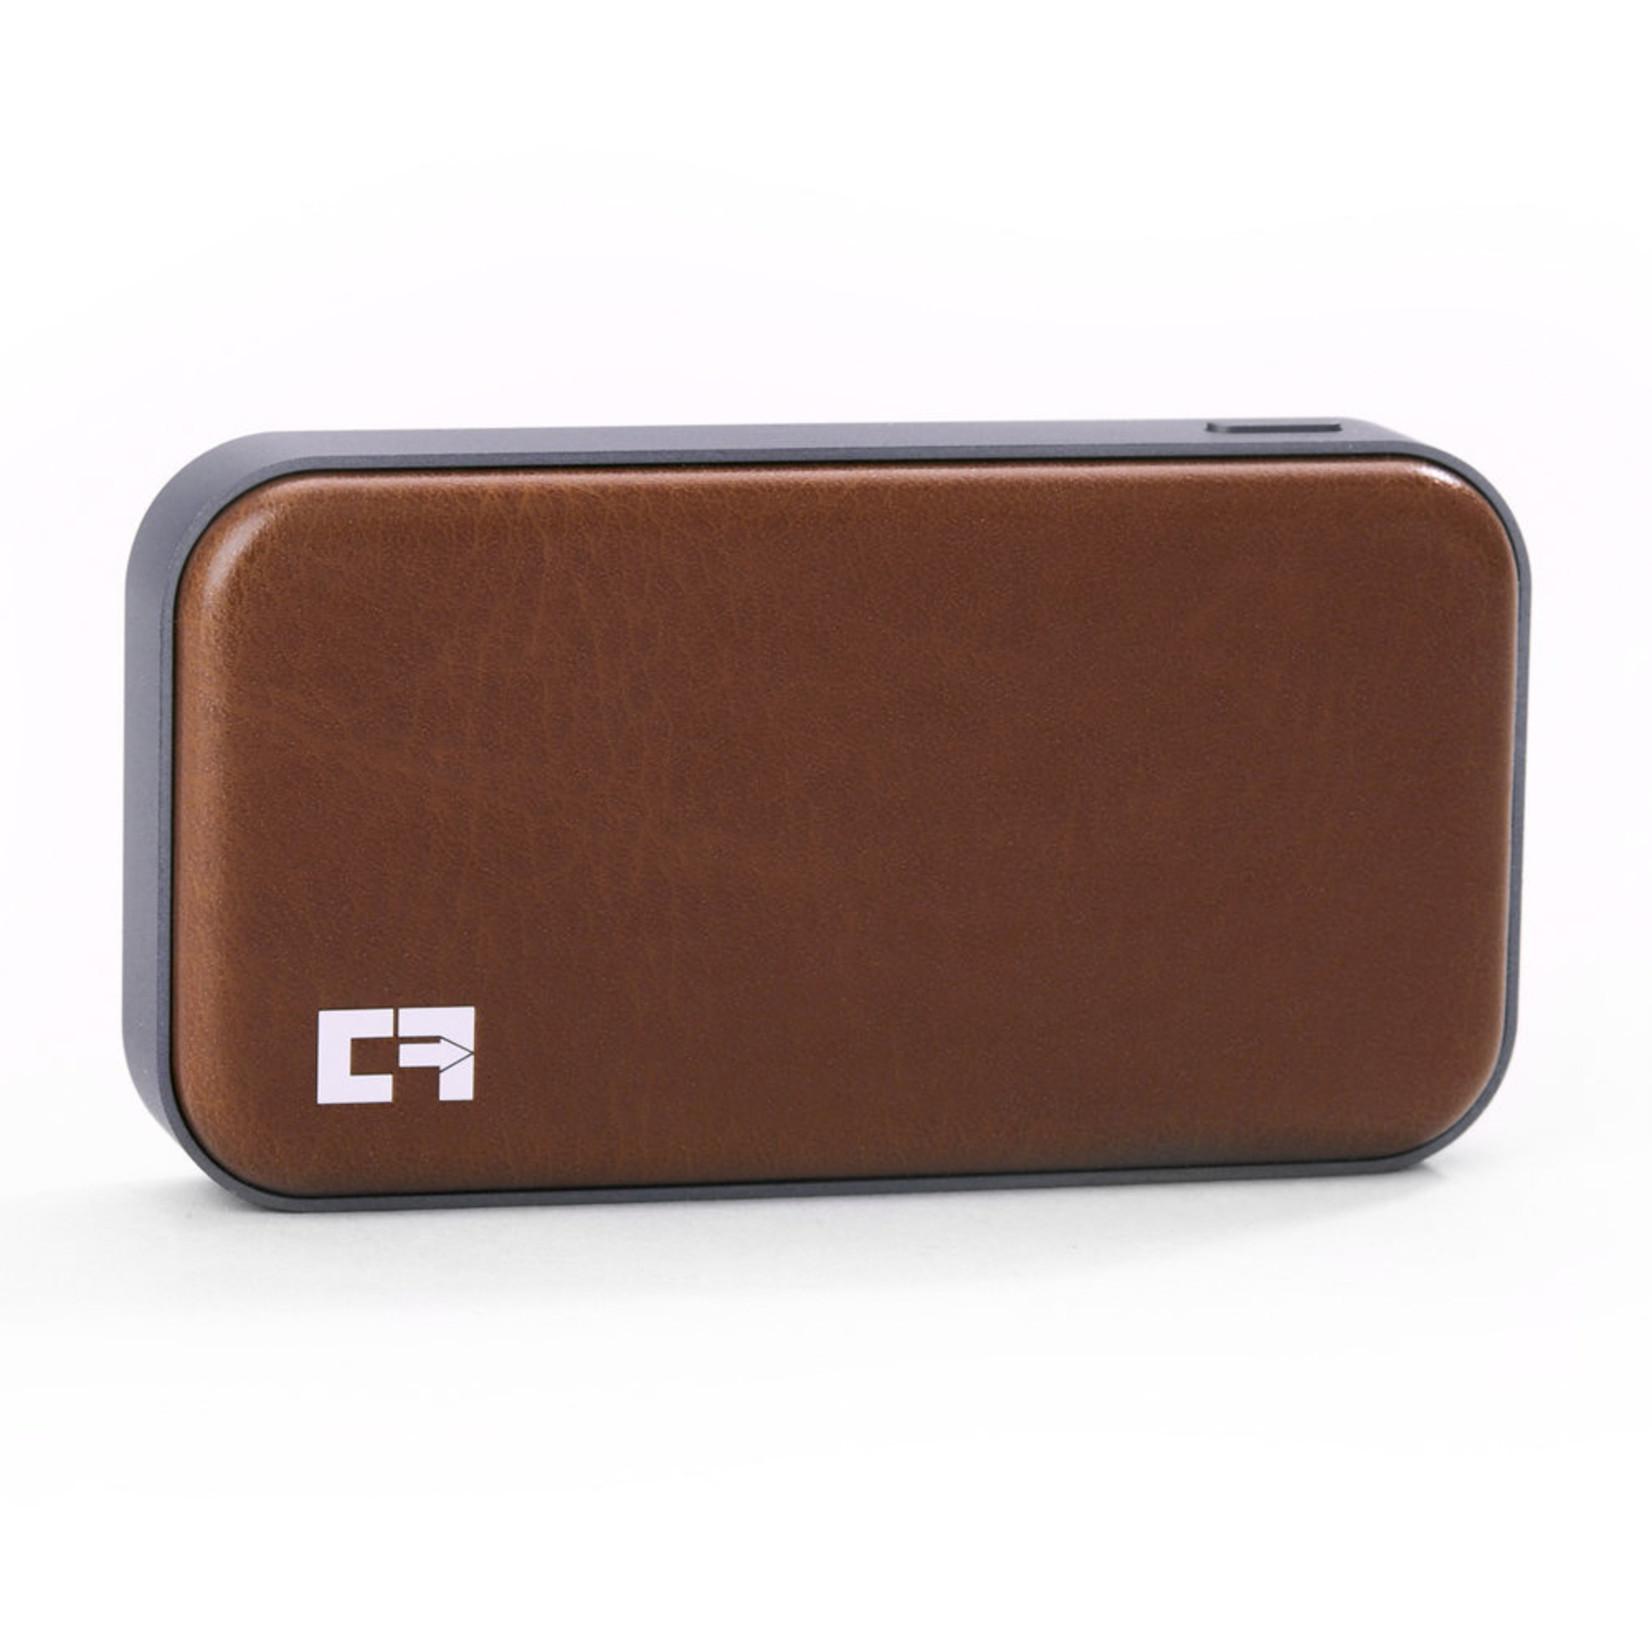 Capture Flow Capture Flow Mighty Sound Speaker Walnut